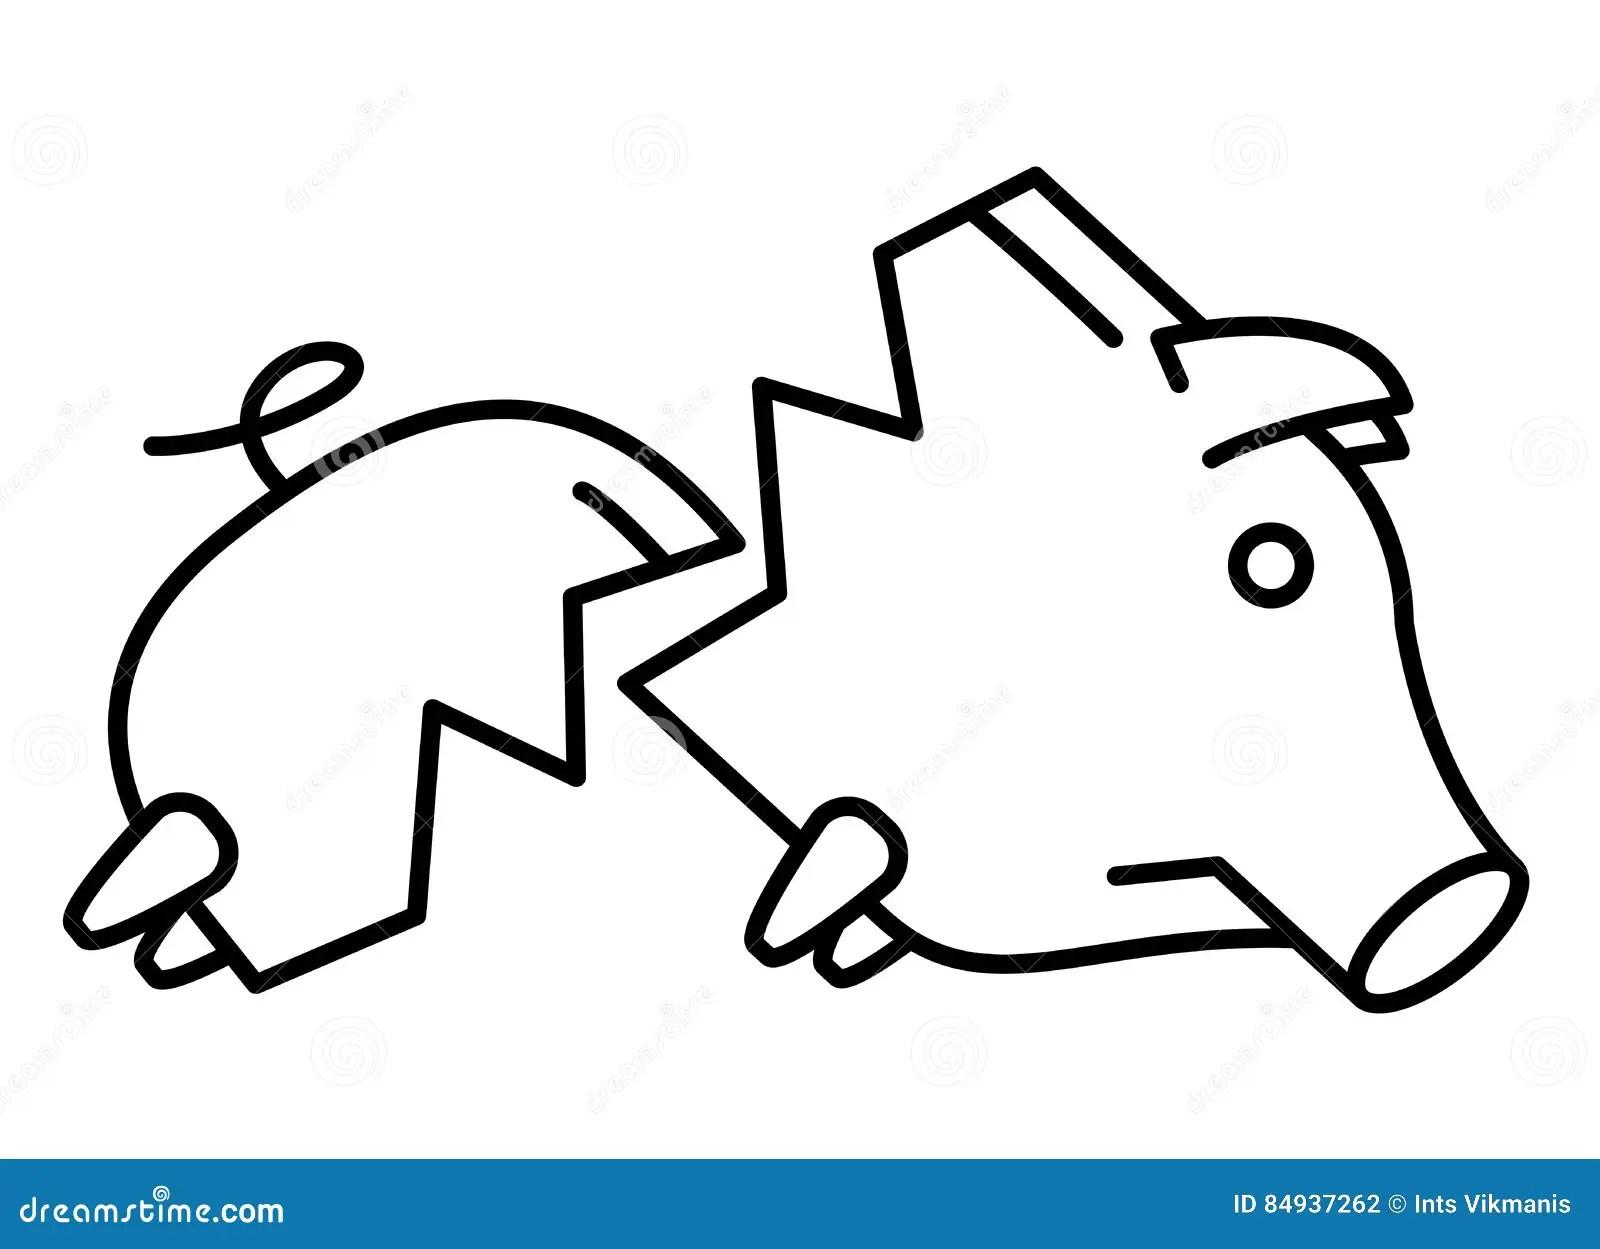 Sad Broken Piggy Bank Or Money Box Stock Vector